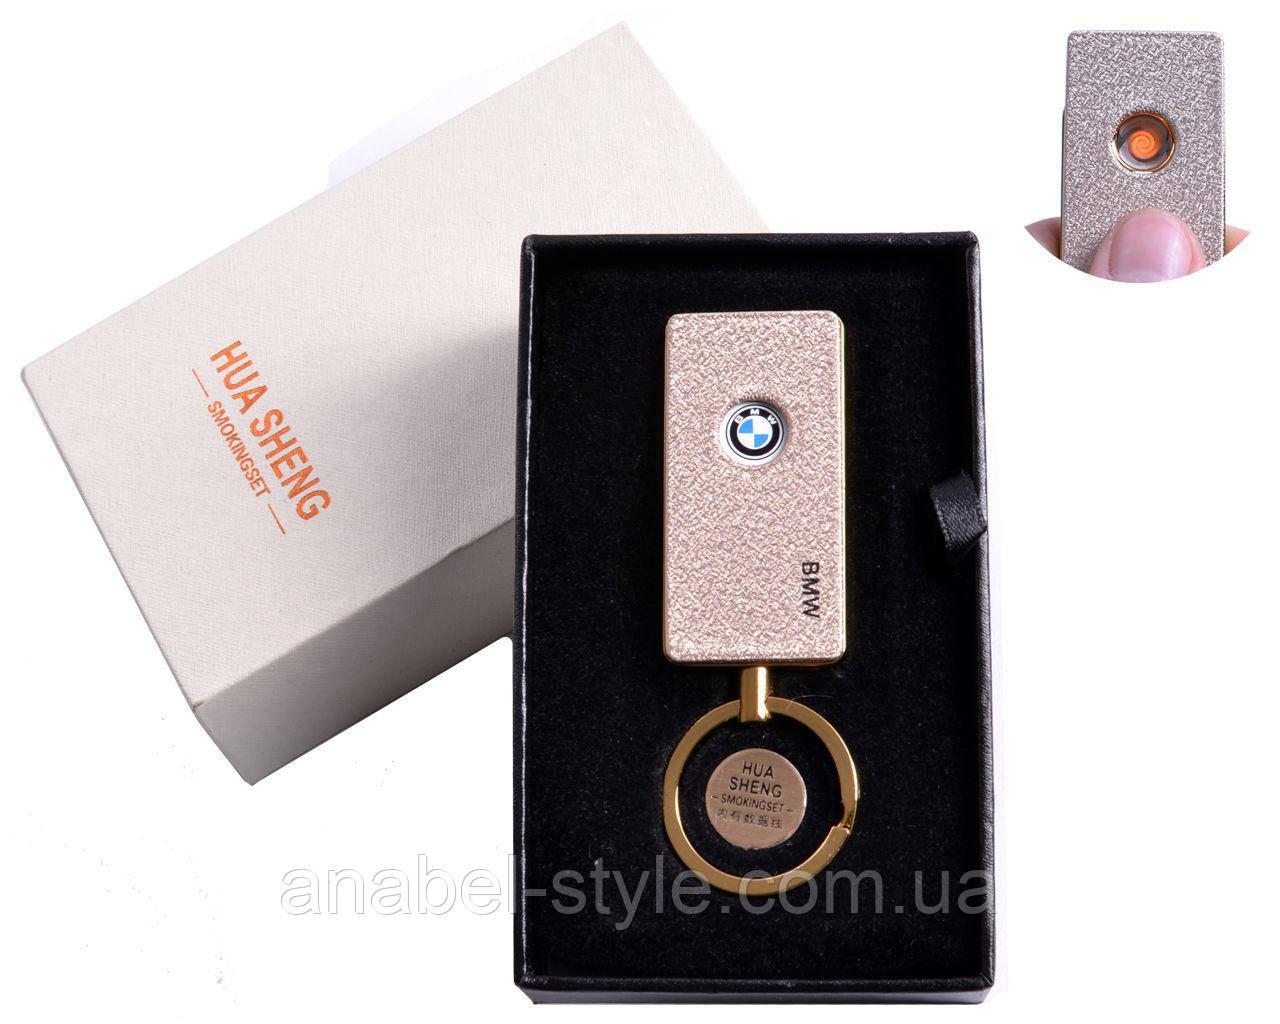 """USB зажигалка в подарочной упаковке """"BMW"""" (спираль накаливания) №4808-4 Код 119470"""